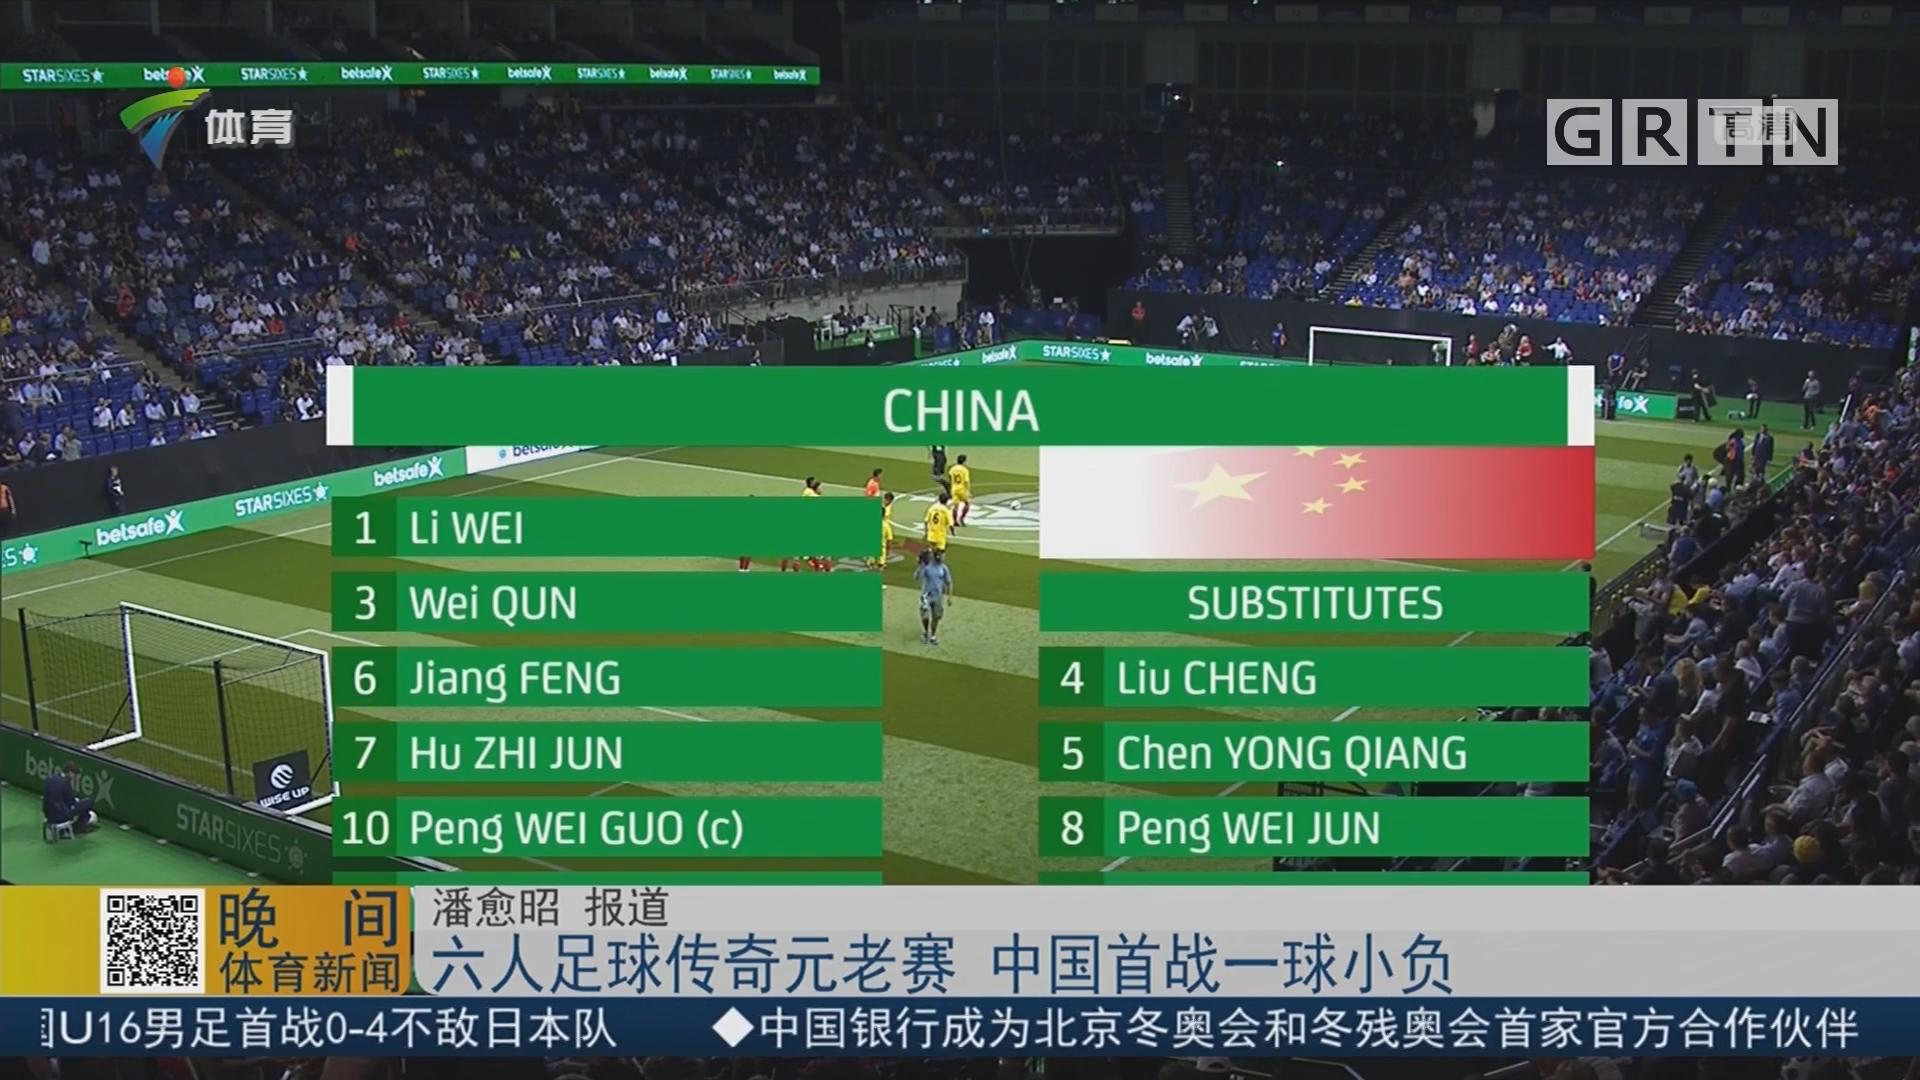 六人足球传奇元老赛 中国首站一球小负